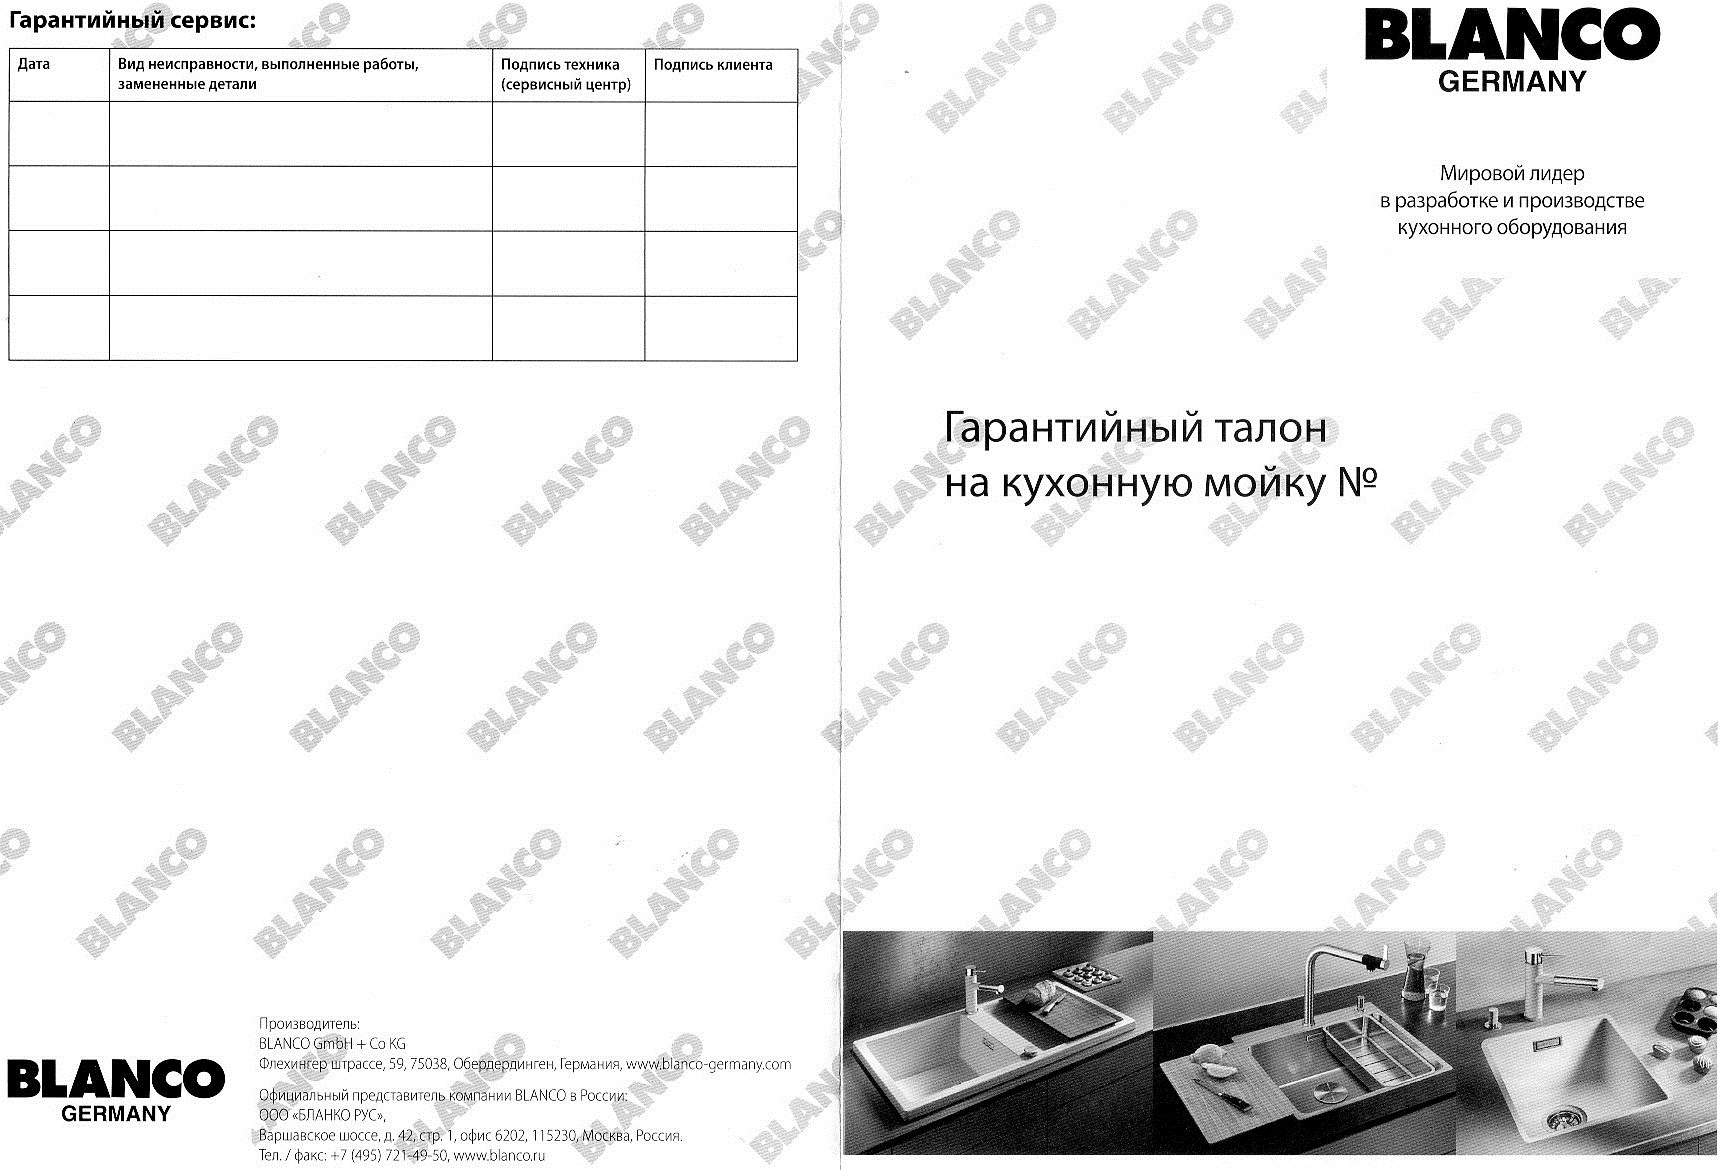 Купить мойку для кухни Blanco ELON 45 S с гарантийным талоном Blanco | blancohouse.ru